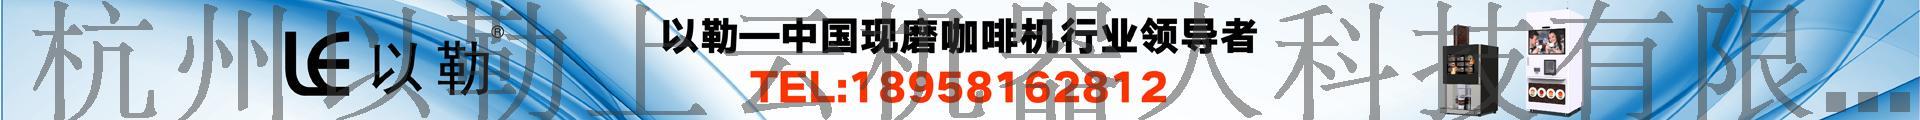 杭州以勒上雲機器人科技有限公司